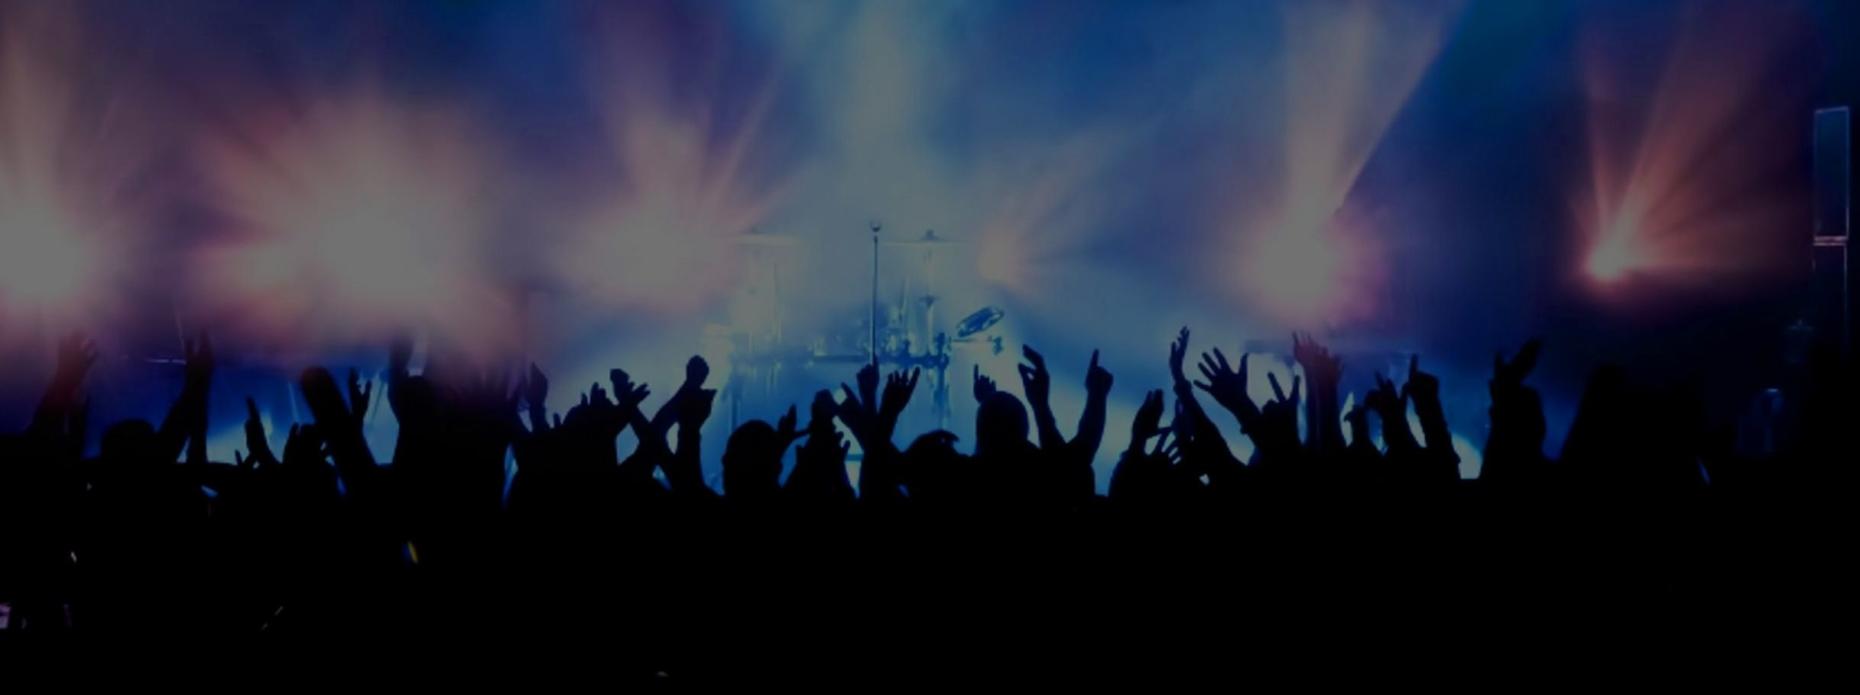 Концерт, конференция или състезание